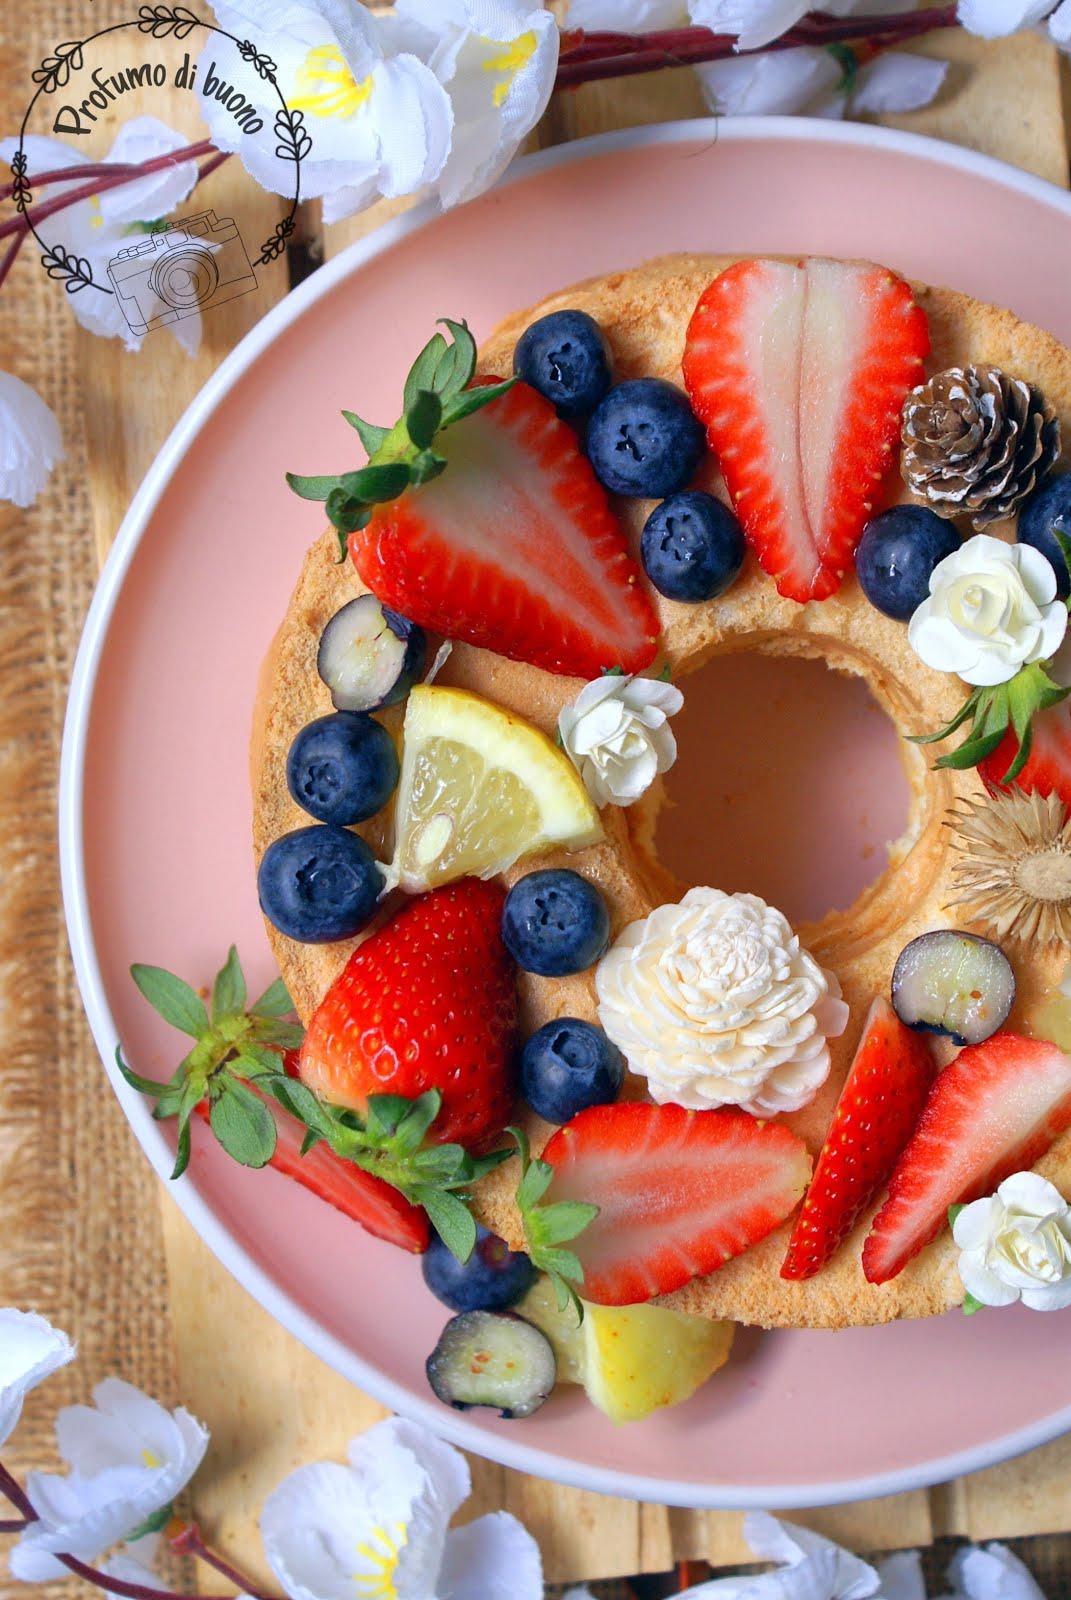 Angel food cake senza glutine servita con fragole, mirtilli e fiori eduli